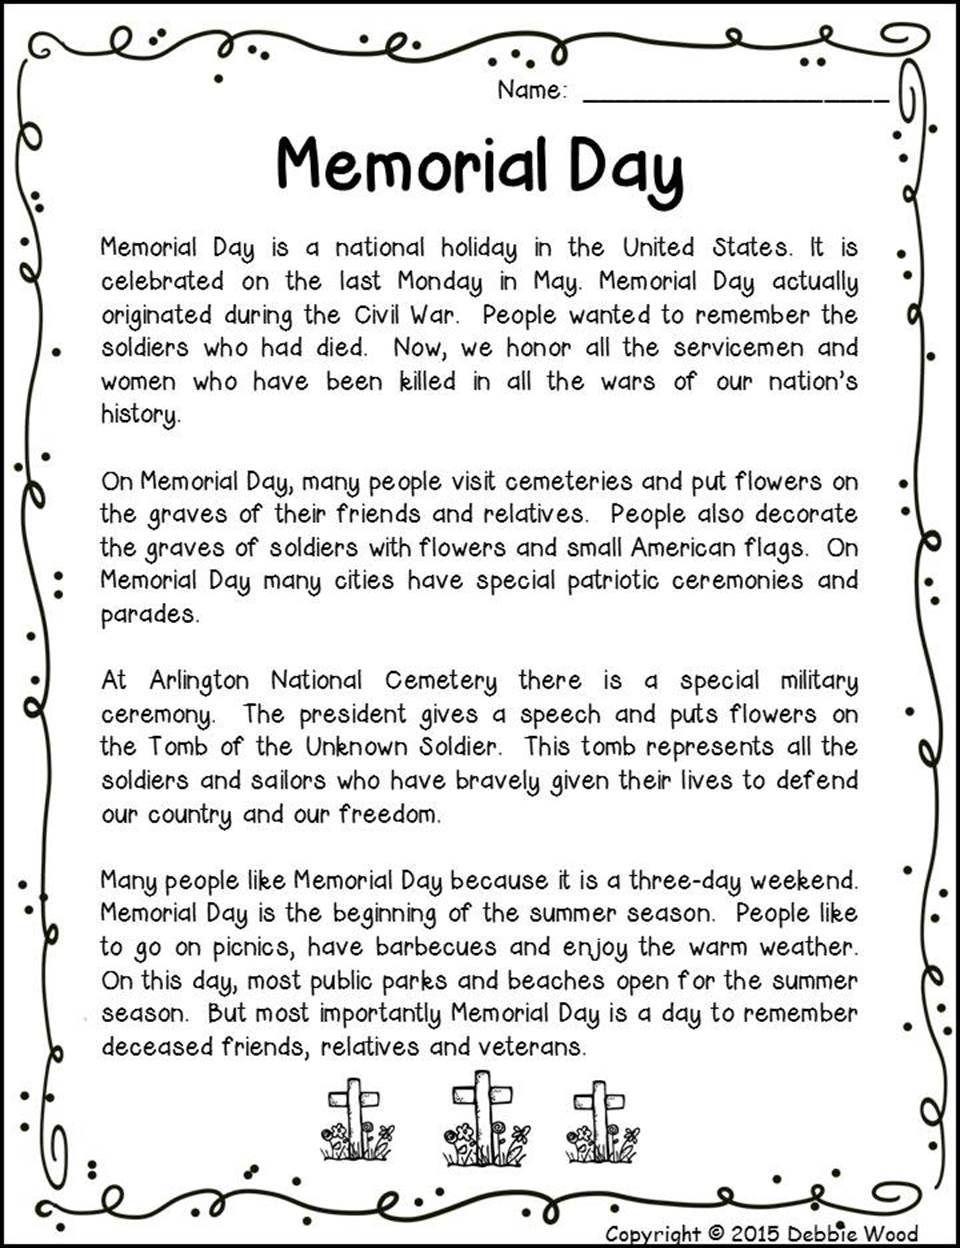 Memorial Day Worksheets For Kindergarten Worksheet For Kindergarten Memorial Day Activities Kindergarten Worksheets Kindergarten Worksheets Printable [ 1248 x 960 Pixel ]